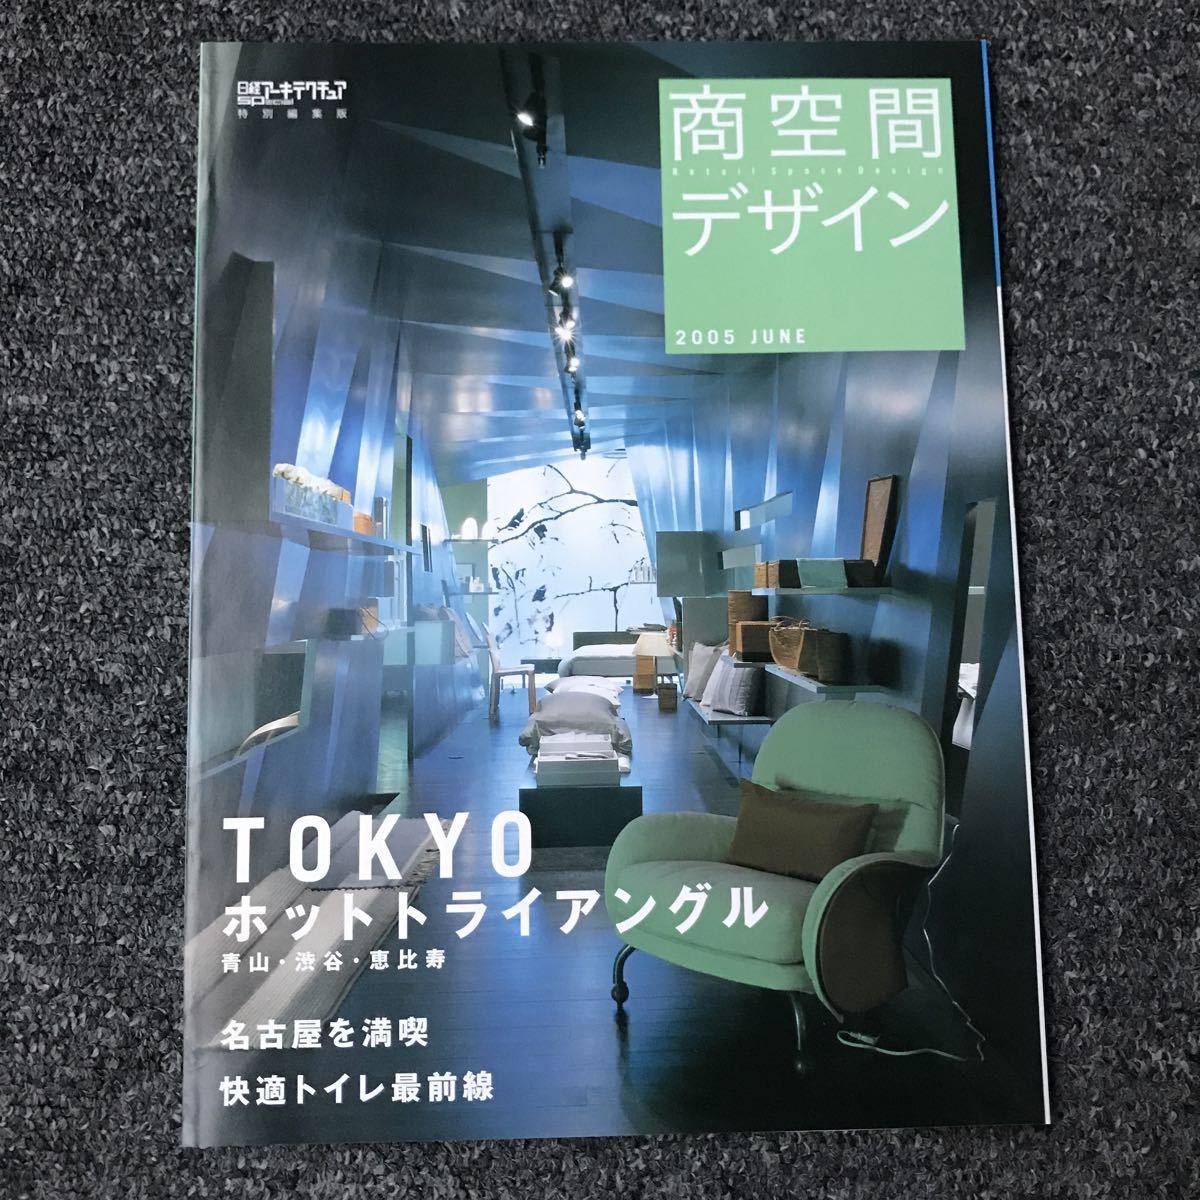 日経アーキテクチュア 特別編集版 2005 JUNE 商空間デザイン TOKYOホットトライアングル 青山 渋谷 恵比寿